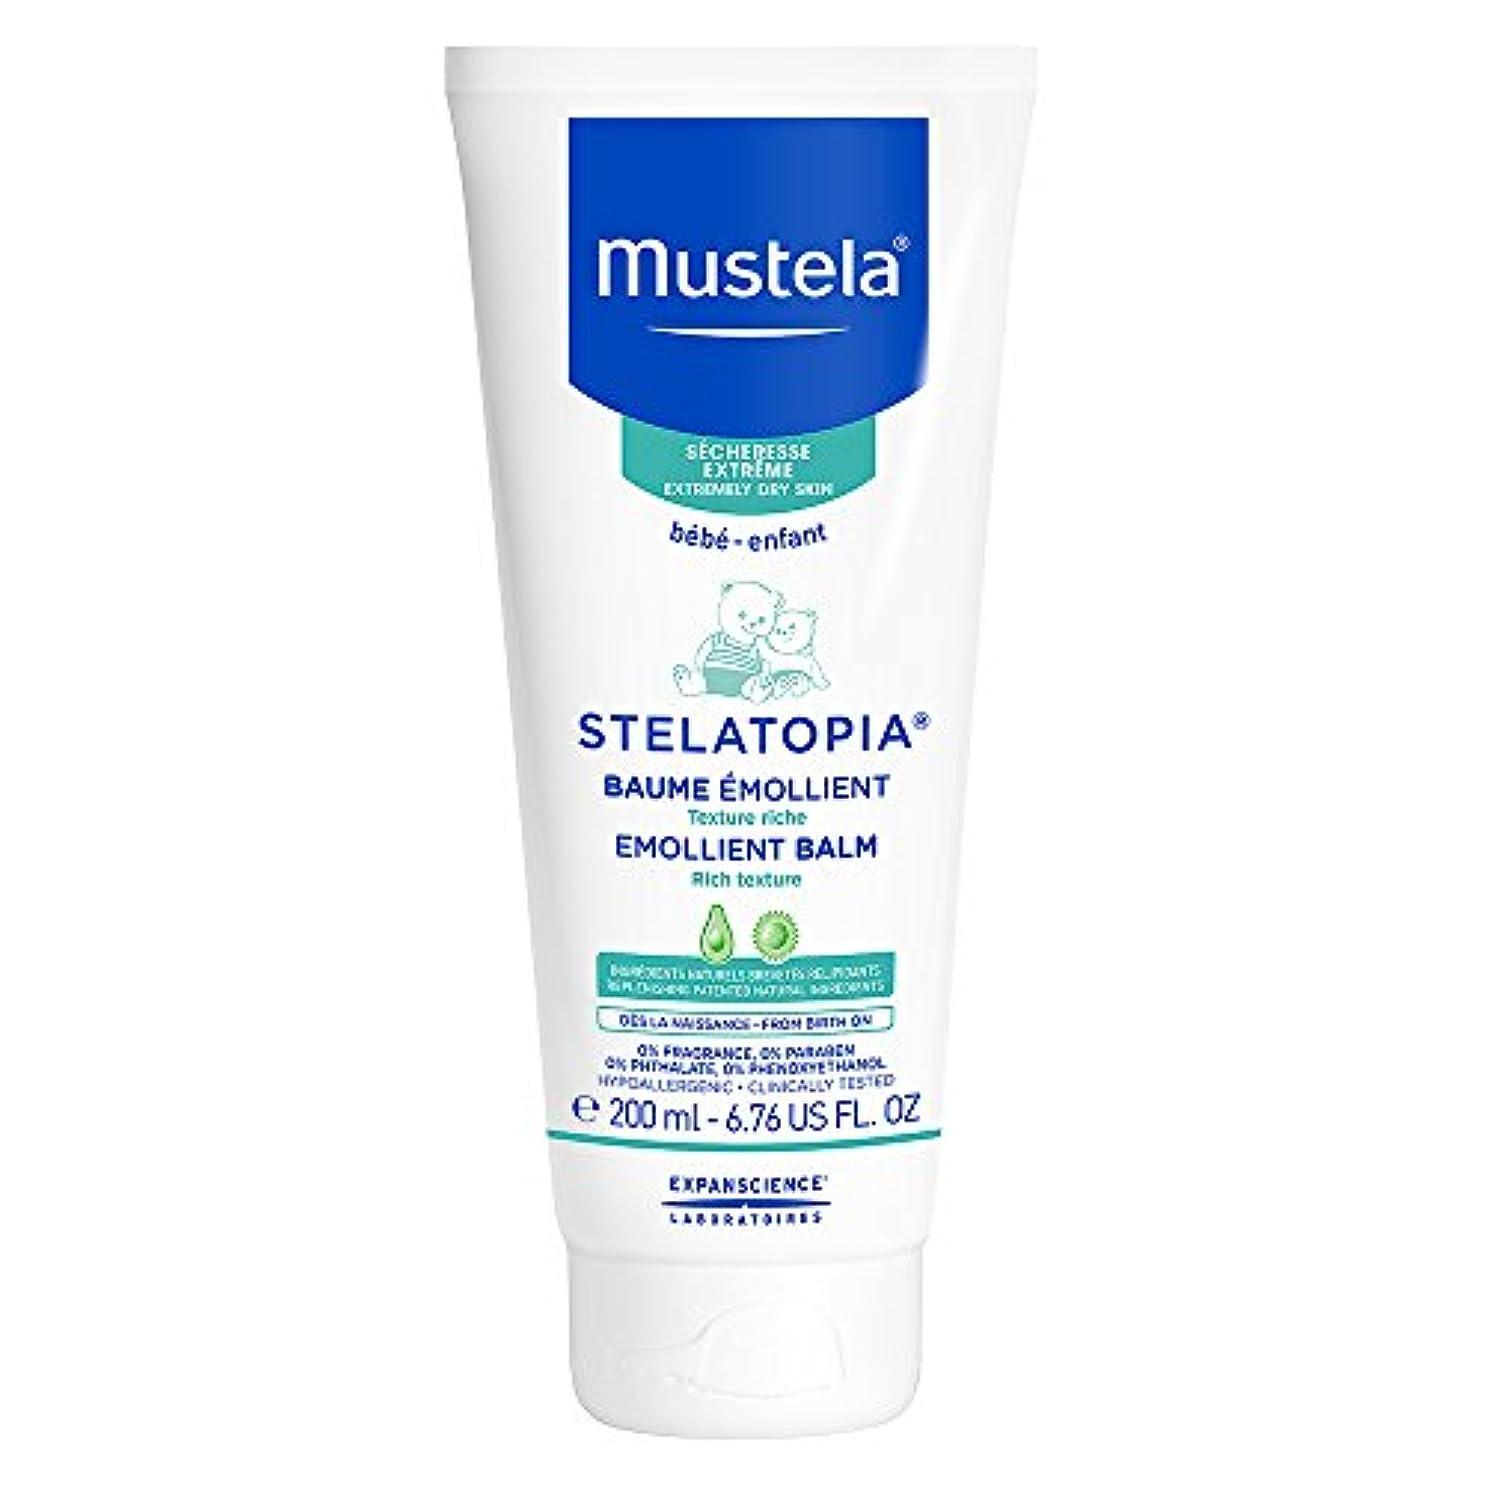 遺伝子怠惰キャンセルMustela - Stelatopia Emollient Balm (6.76 oz.)